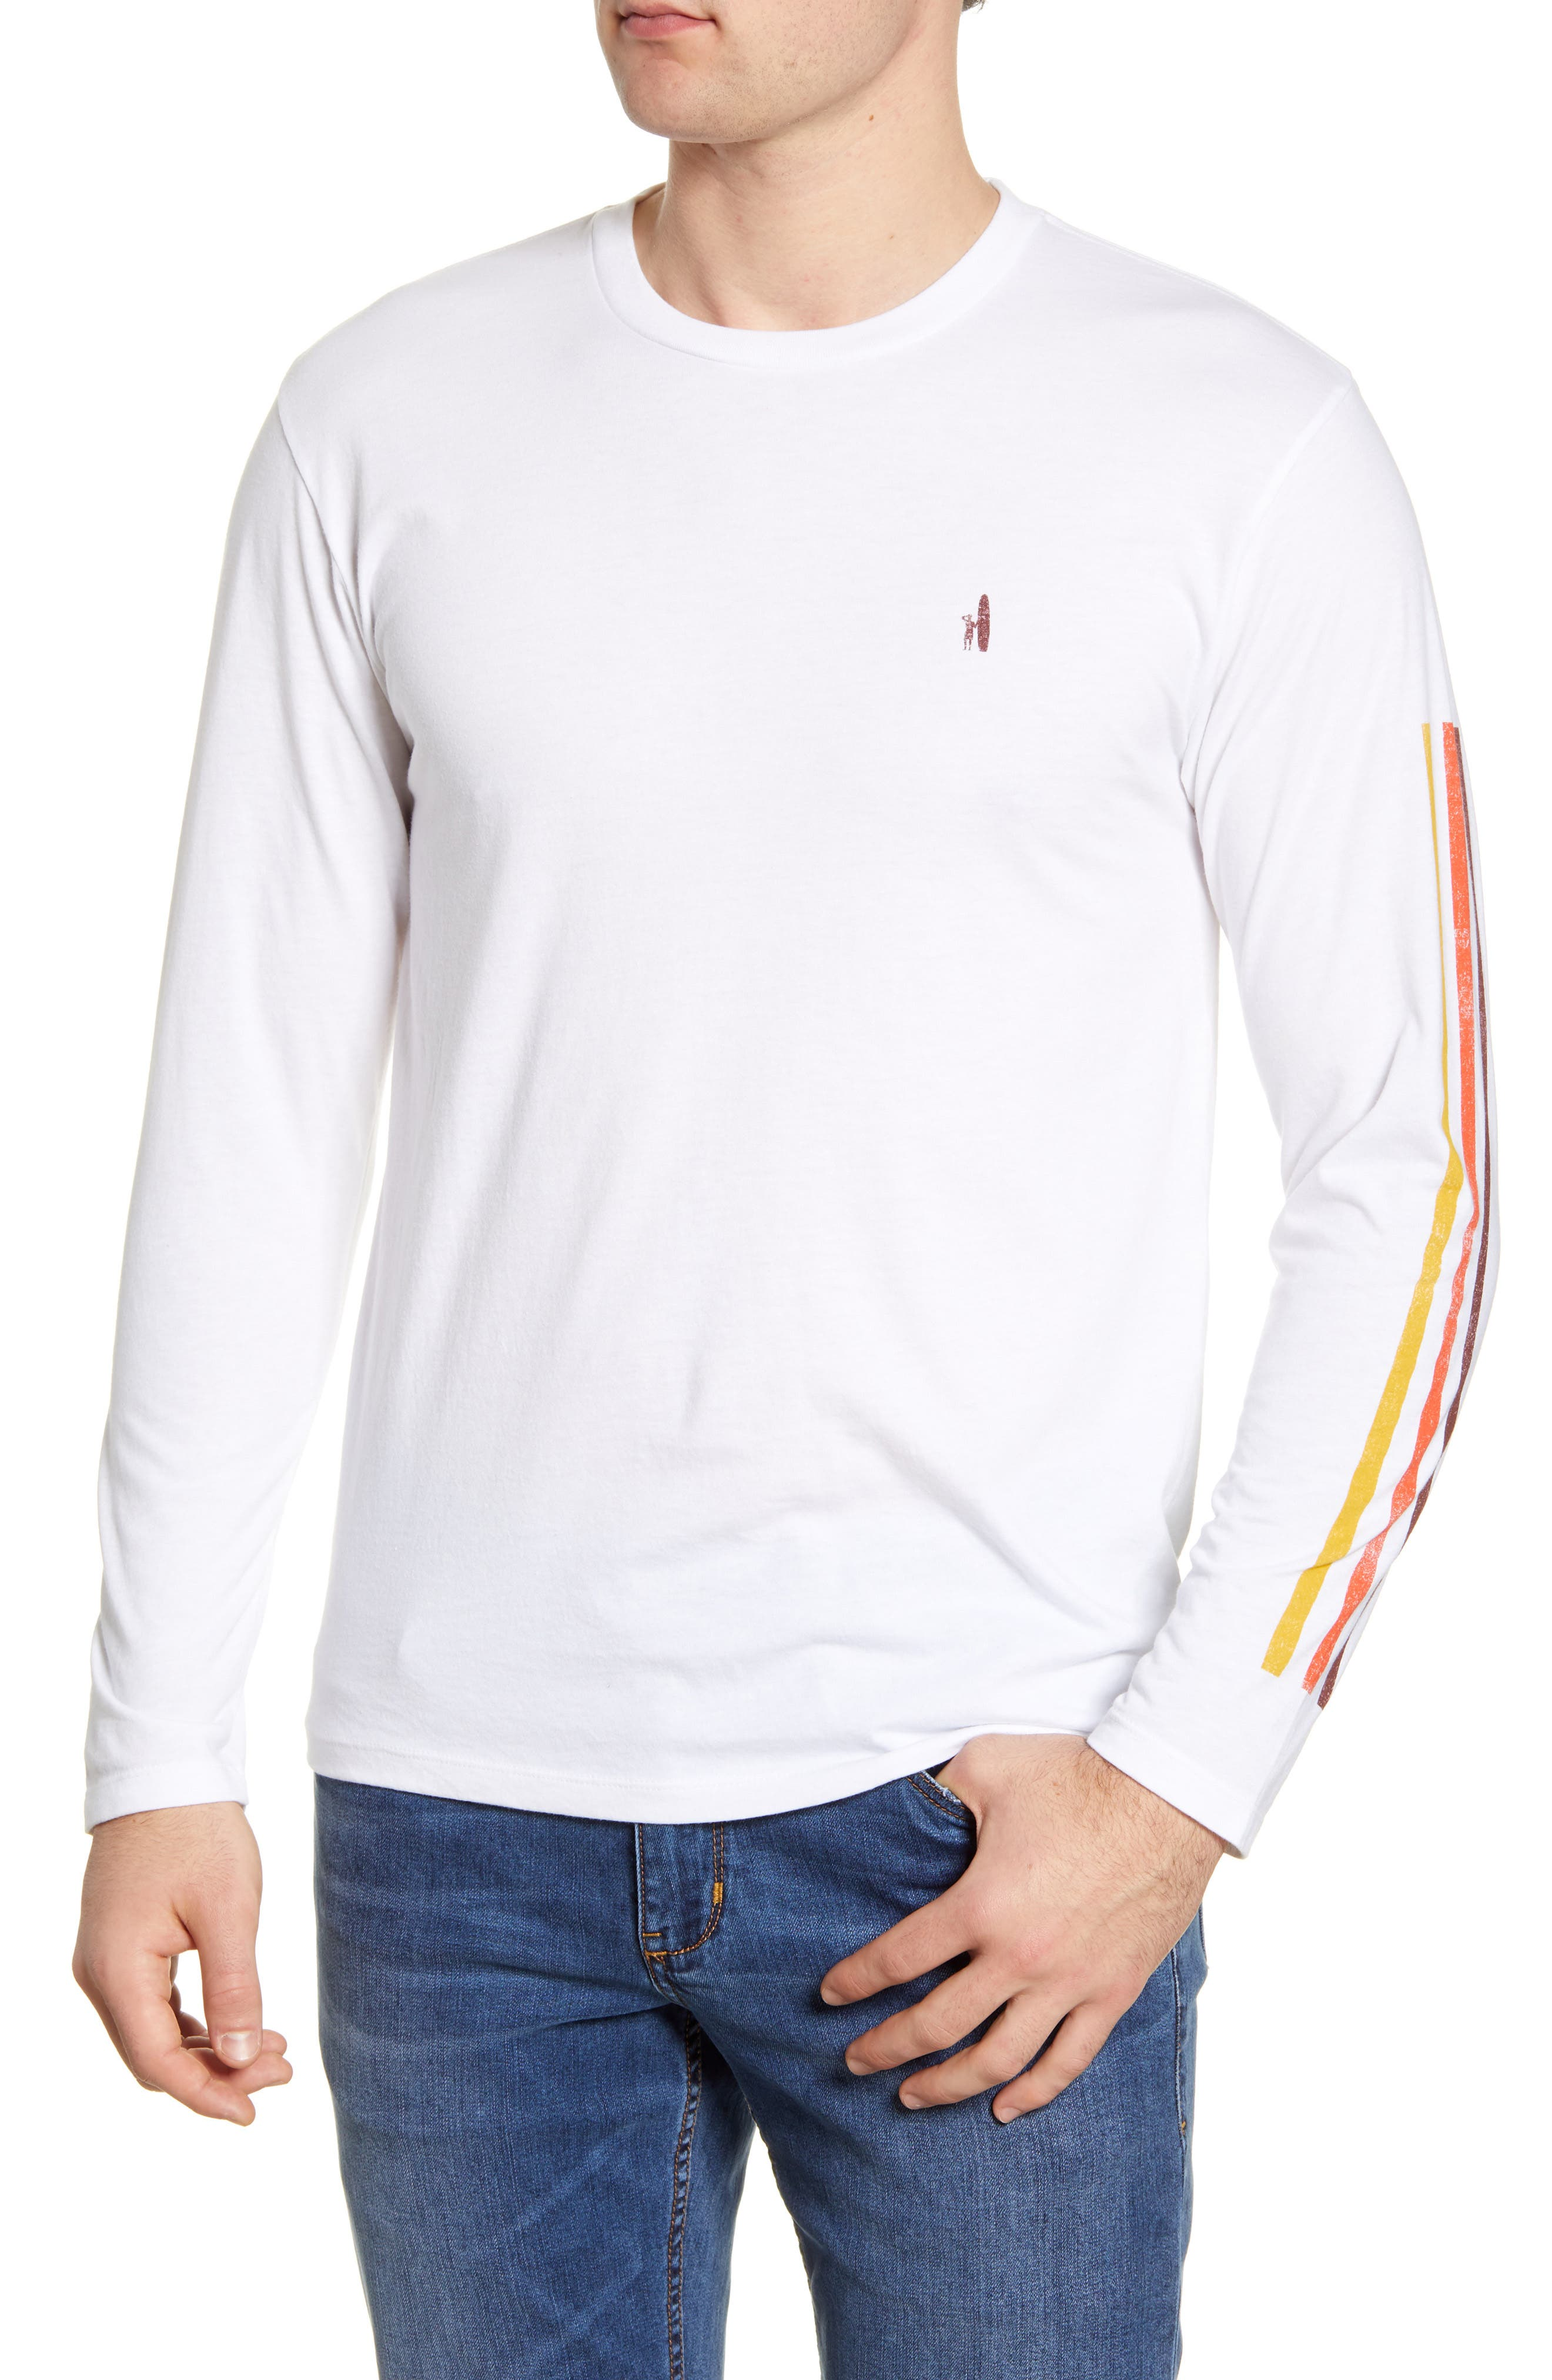 Bays Graphic T-Shirt